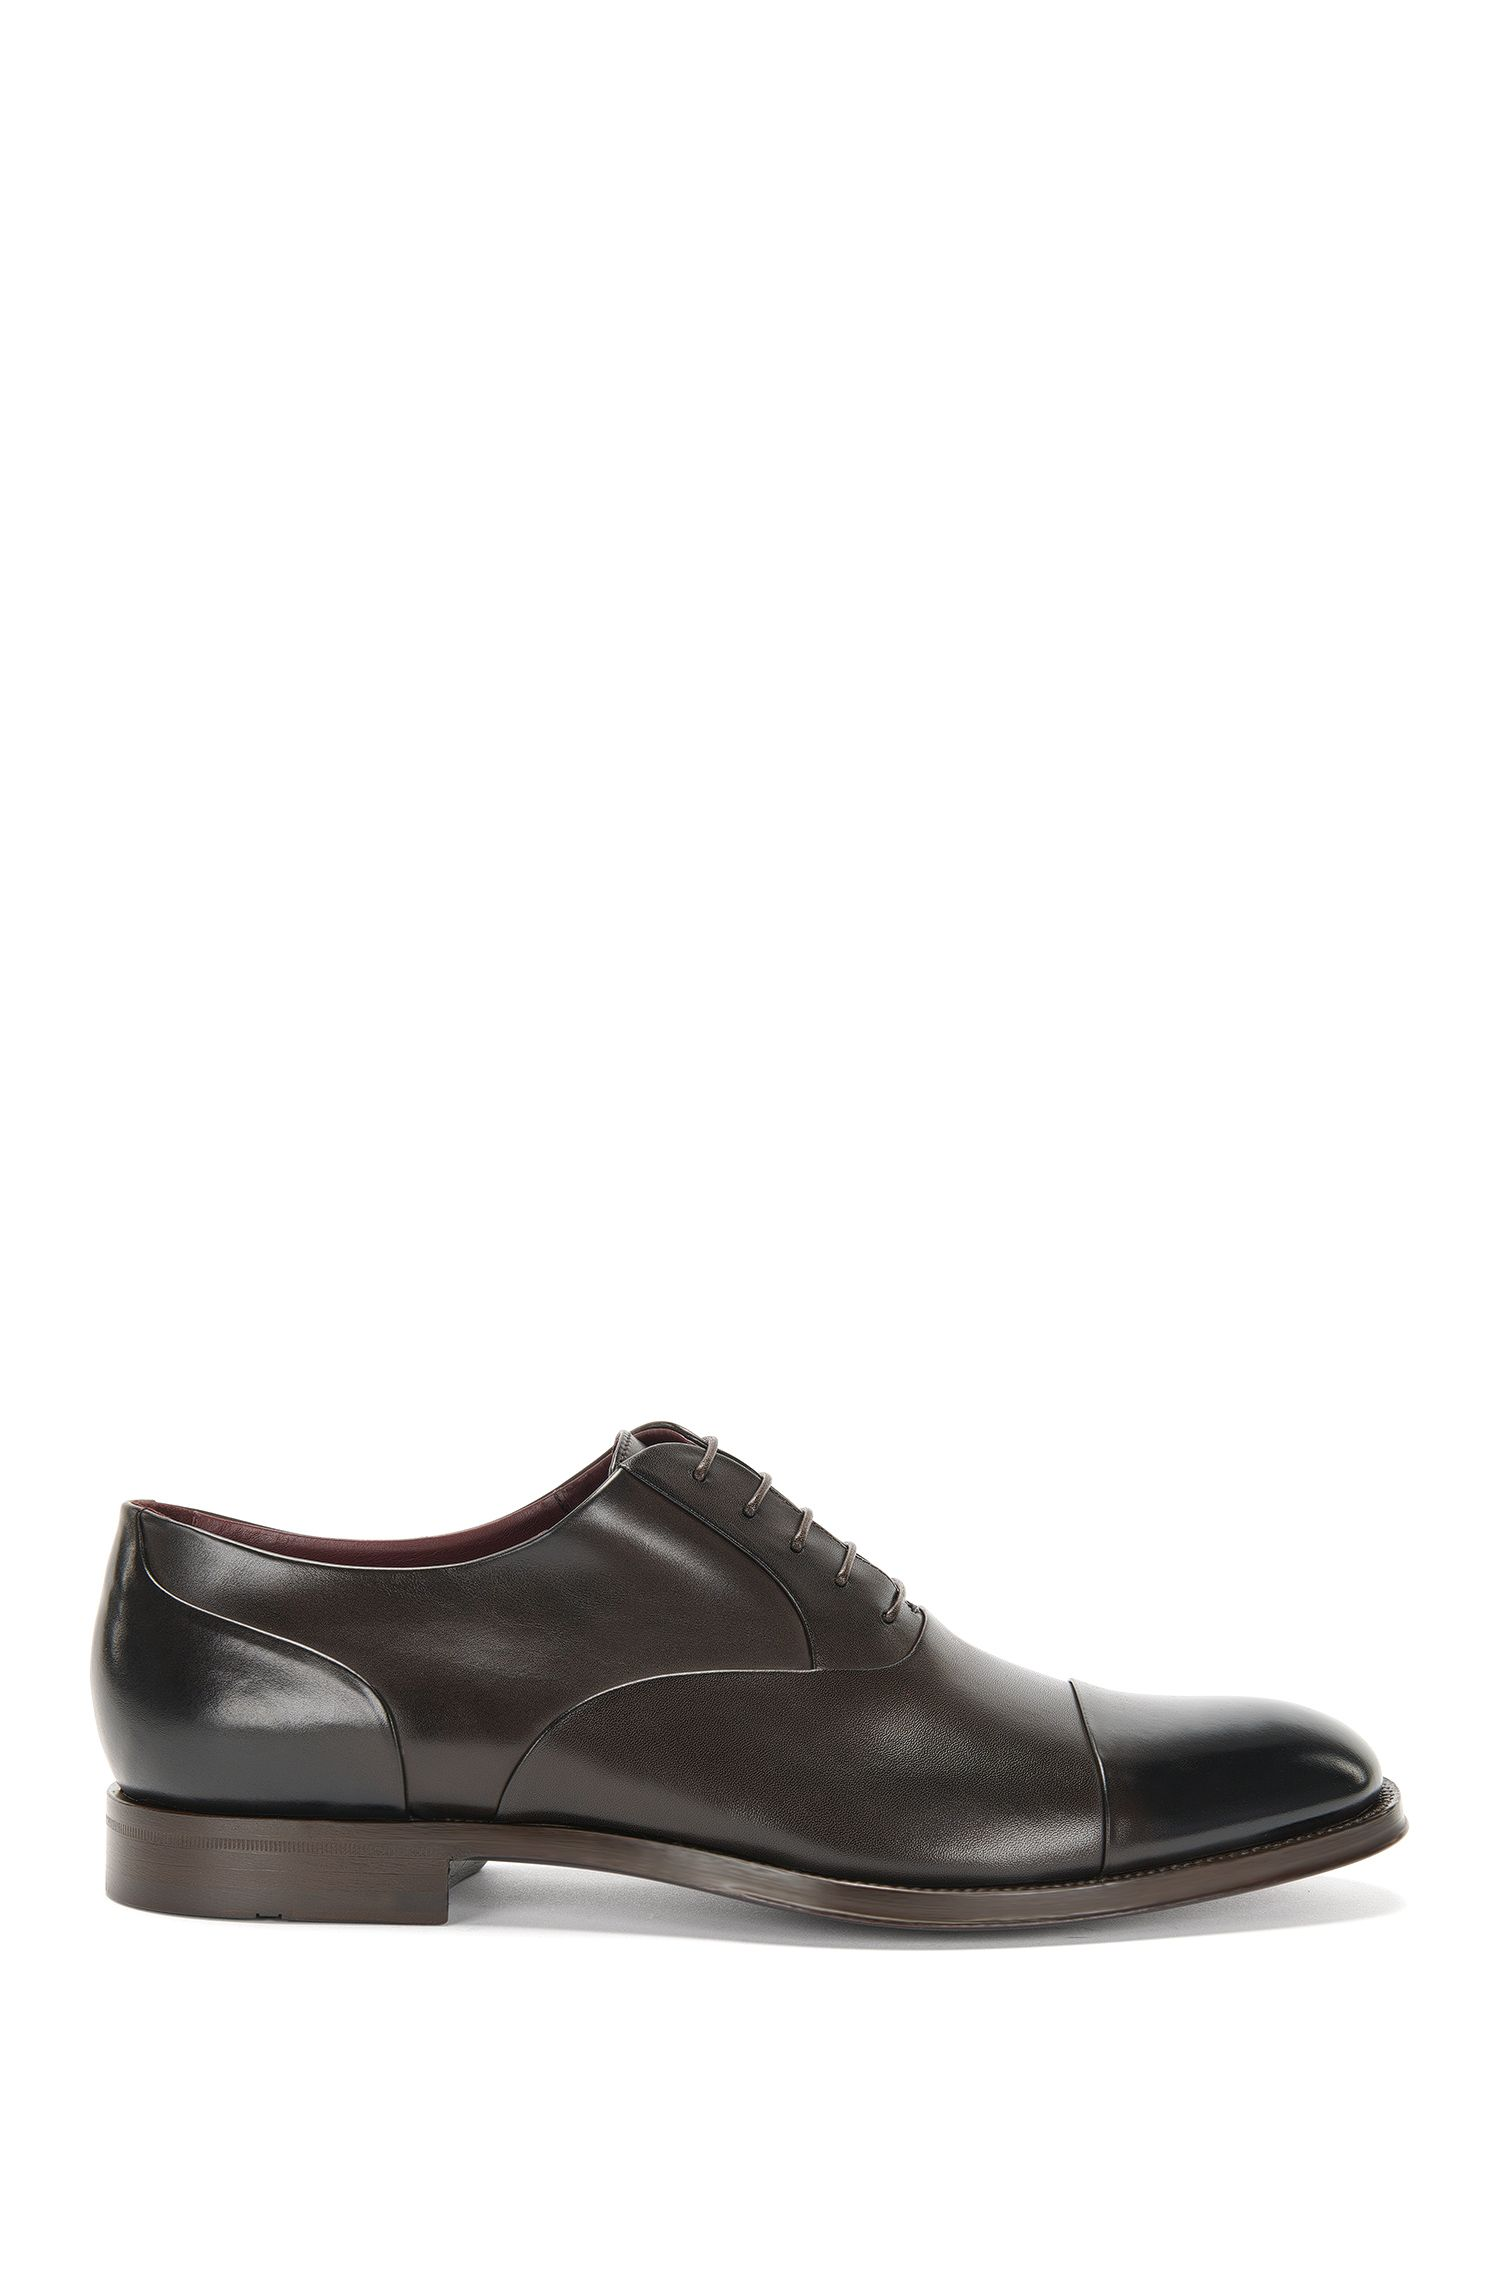 Chaussures à lacets Tailored en cuir: «T-Sartoria_Oxfr_ltct»